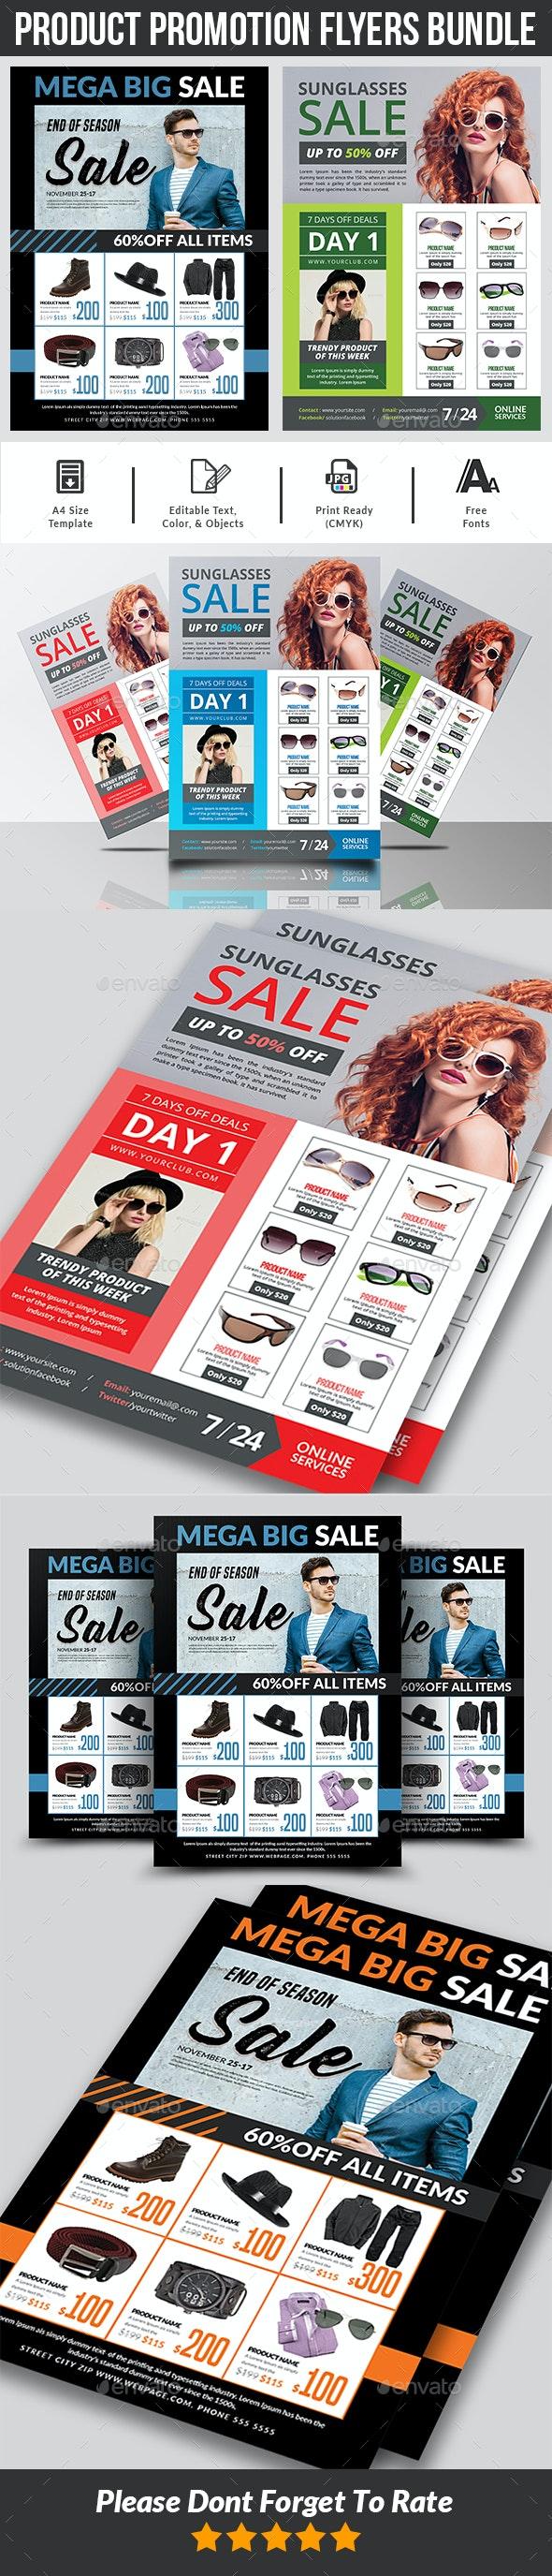 Product Promotion Flyer Bundle - Commerce Flyers